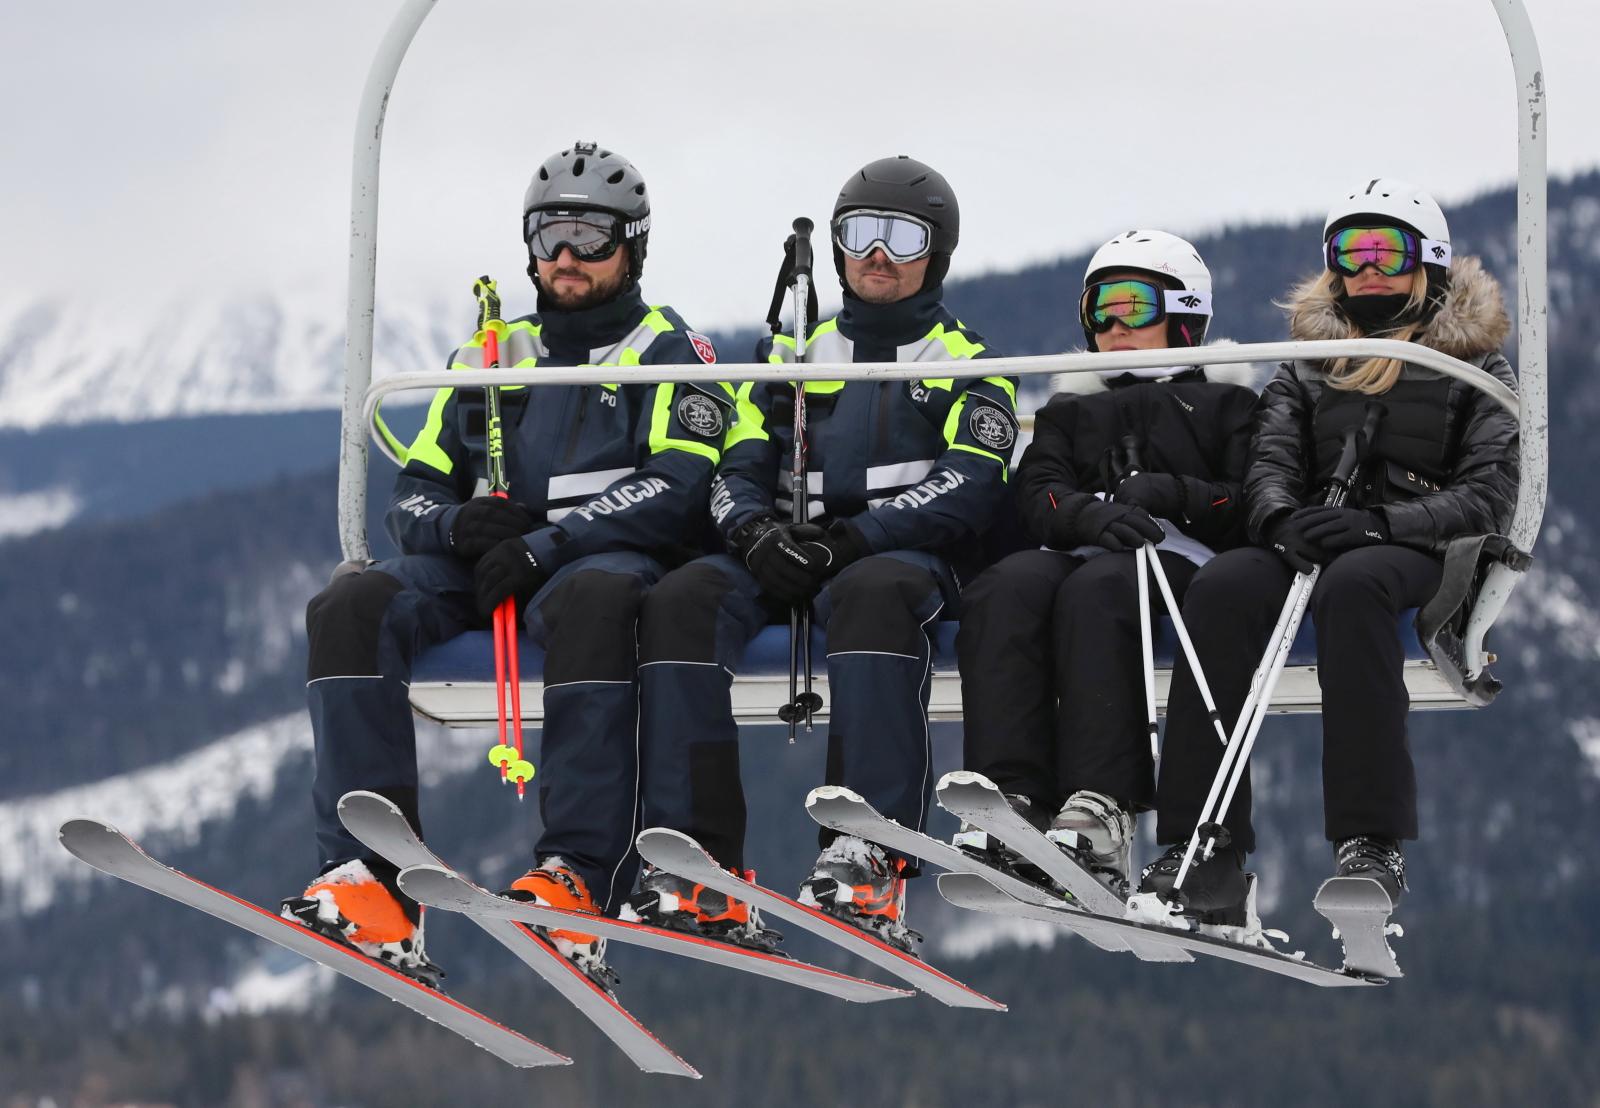 Policyjny patrol na nartach w Zakopanem Fot. PAP/Grzegorz Momot